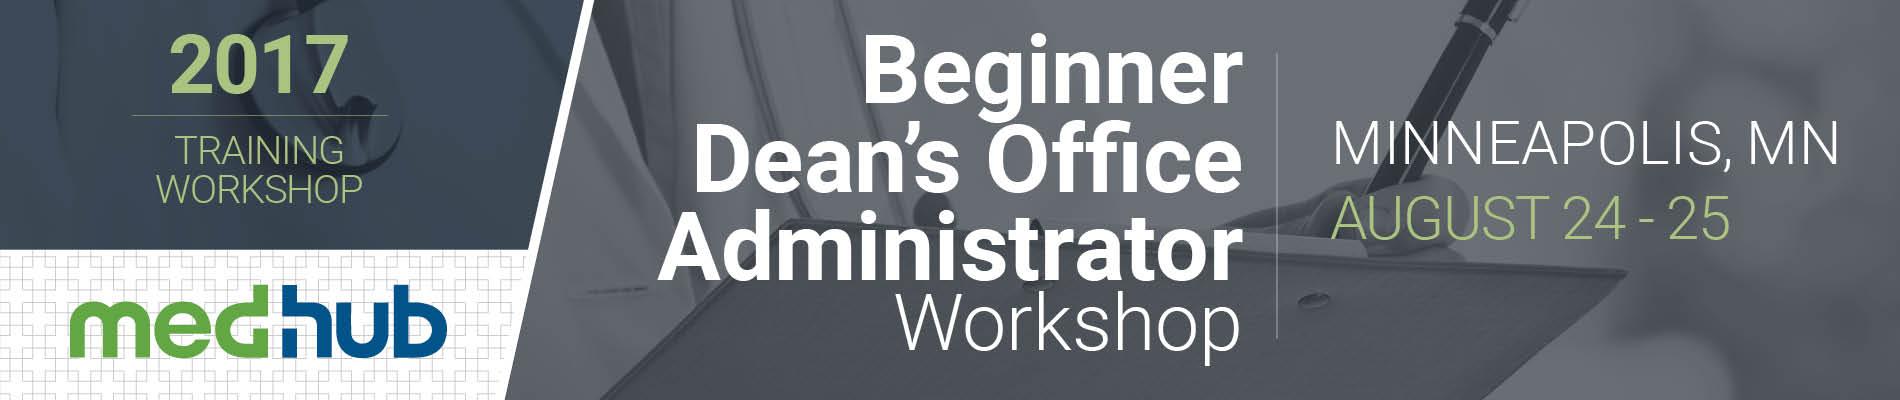 MedHub Beginner Dean's Office Administrator Workshop  (Aug 24-25)